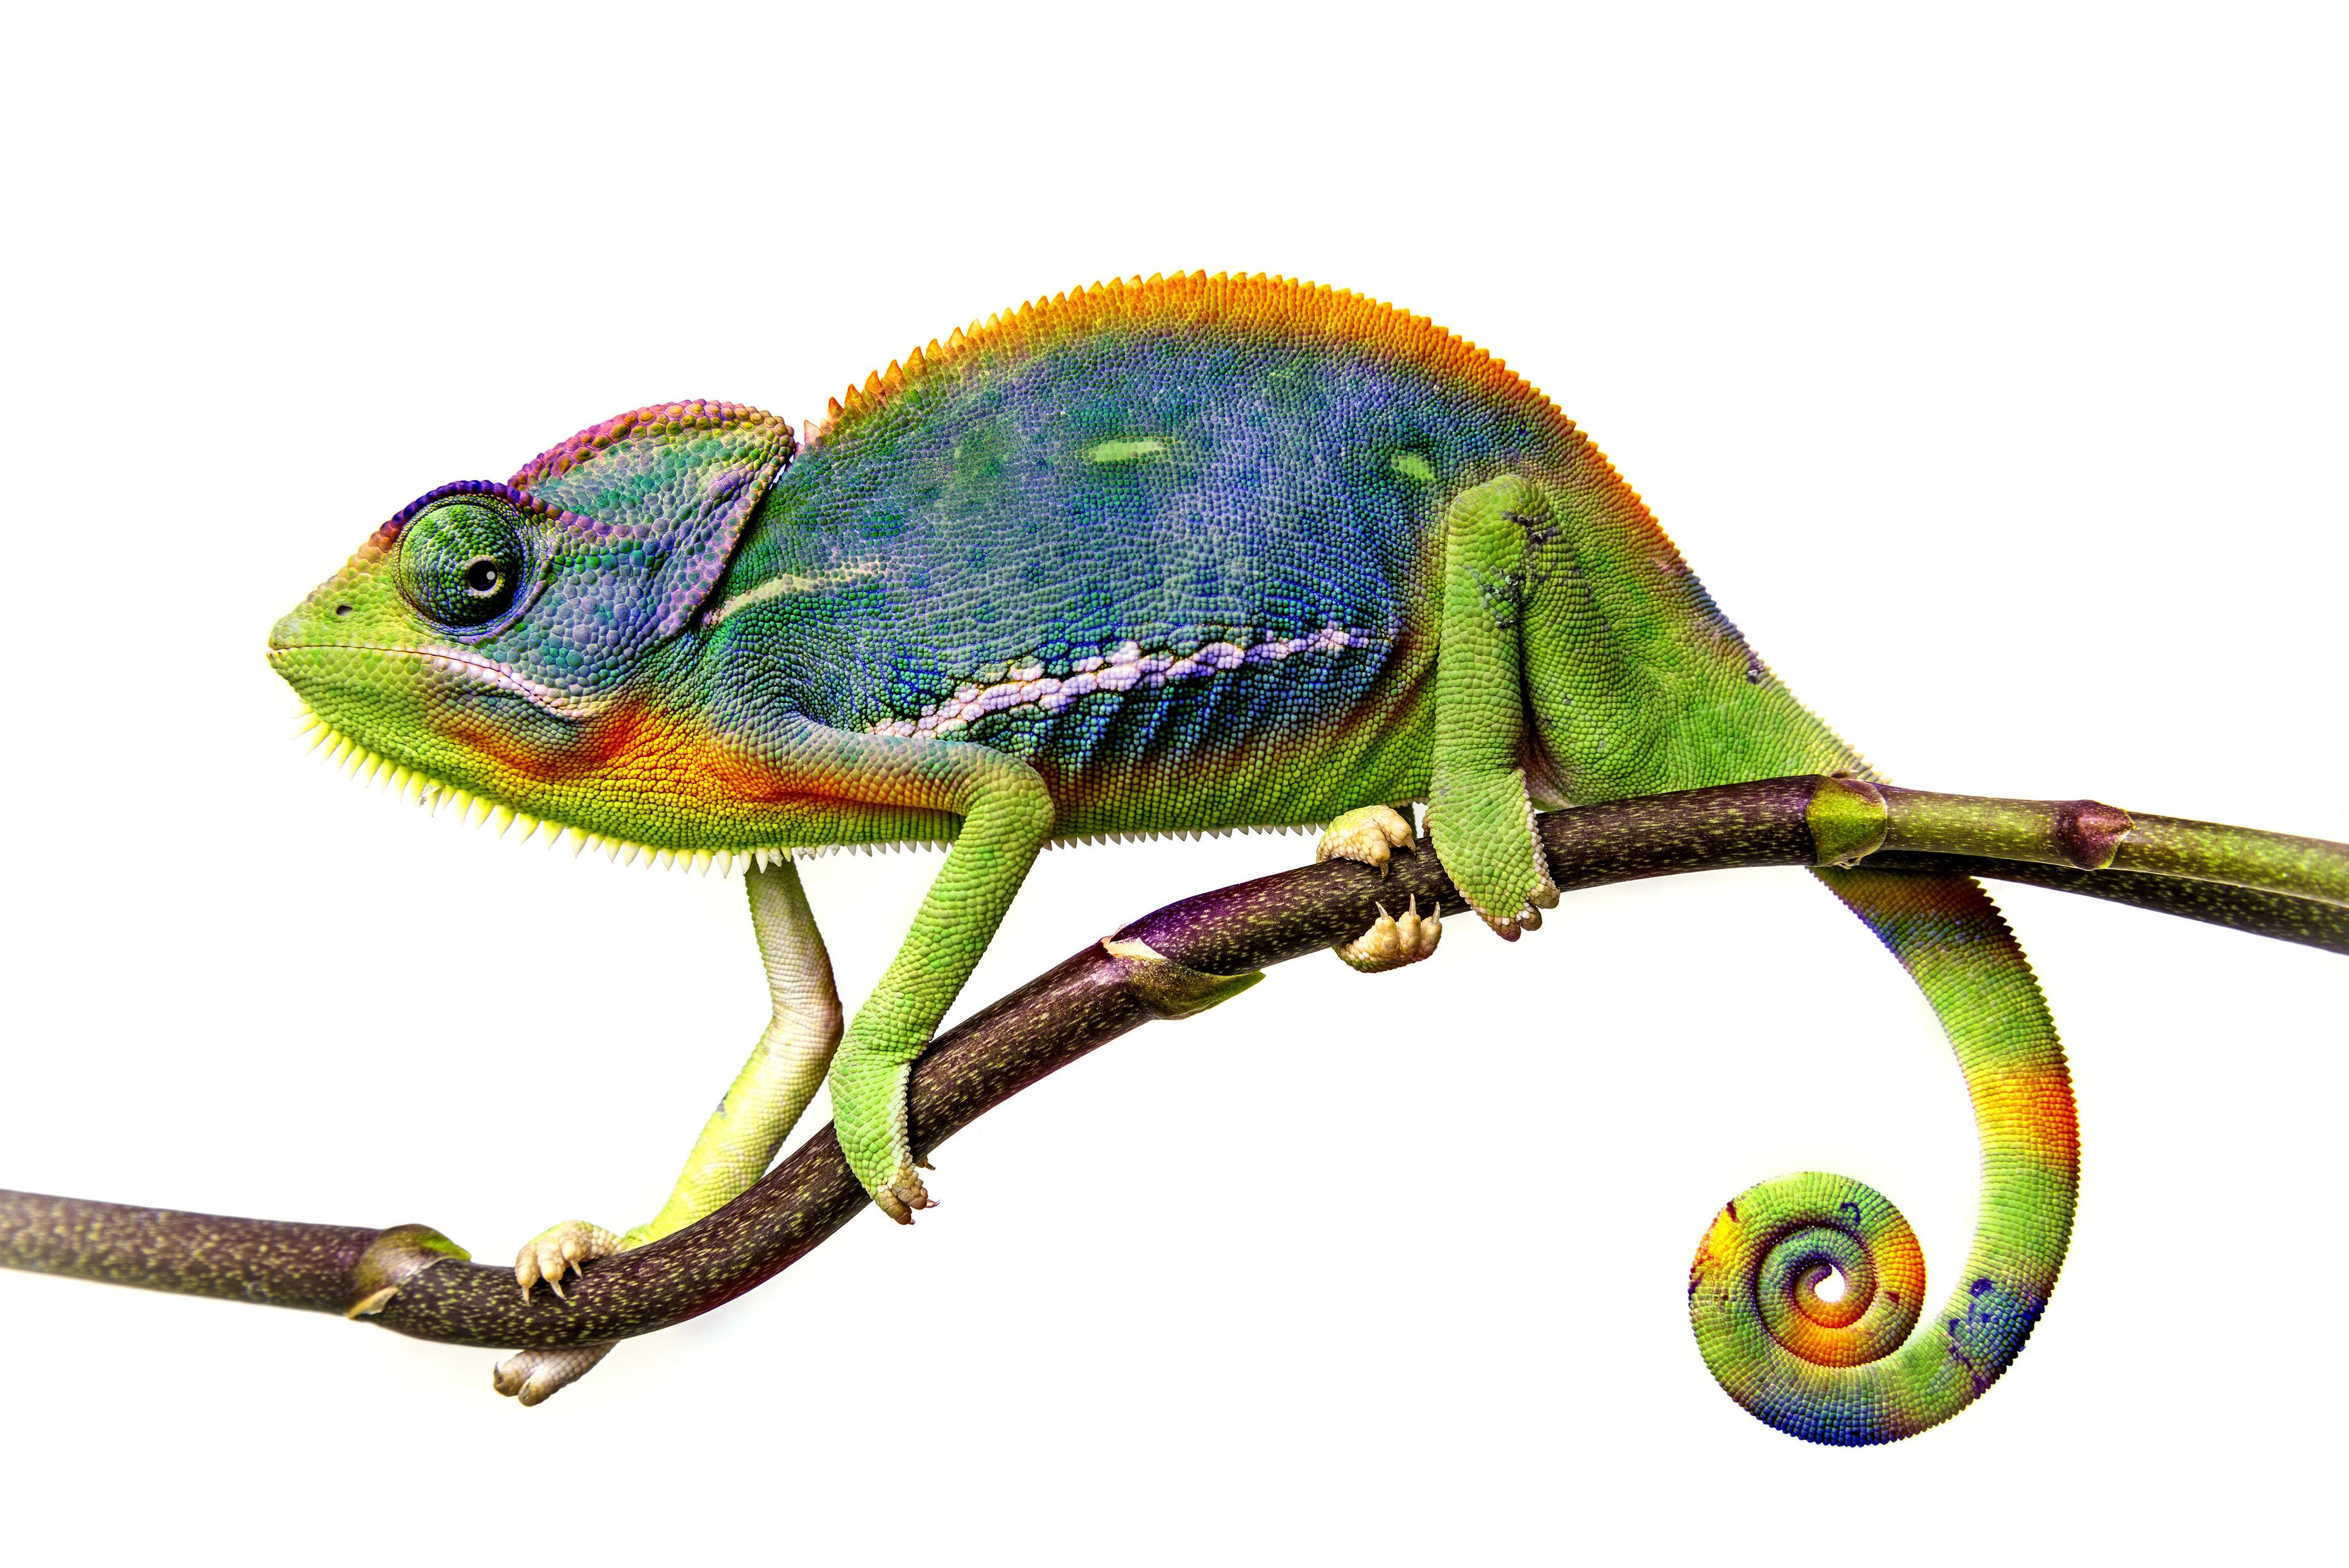 25204895 - chameleon